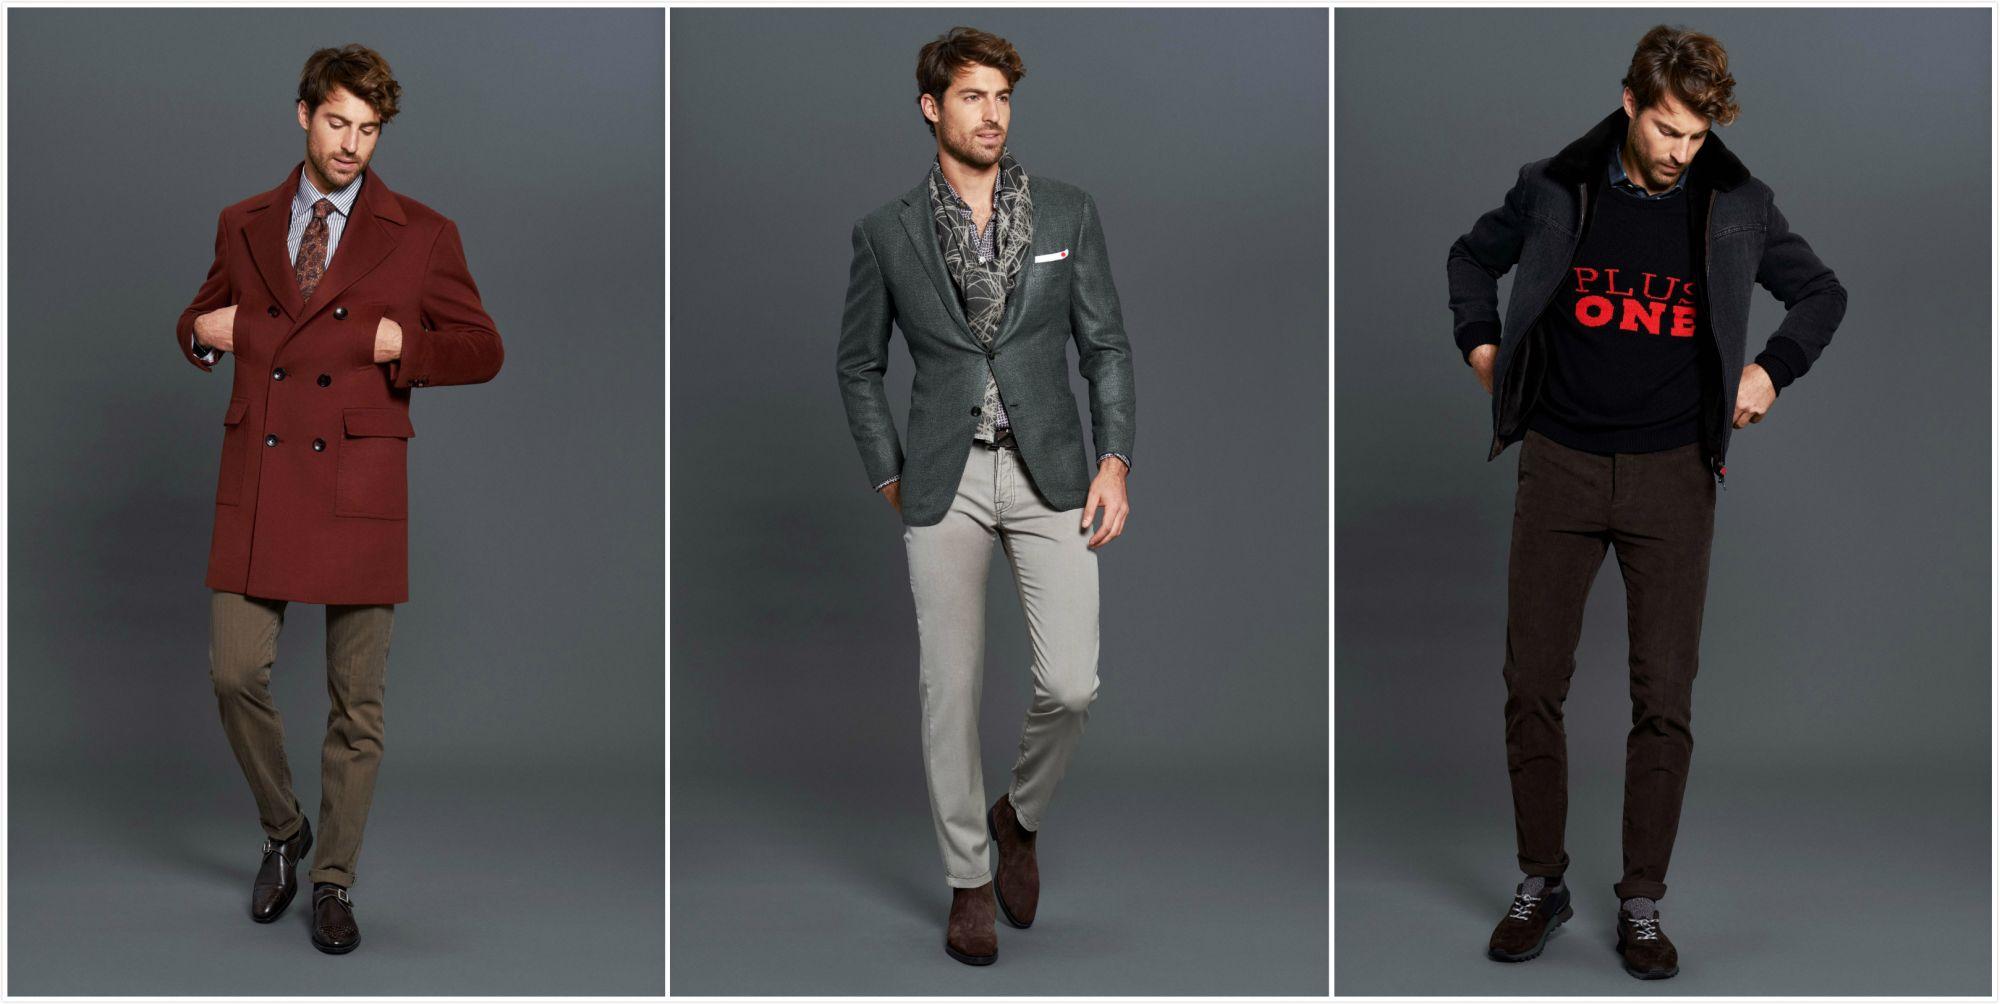 總理戰衣!義大利頂級西裝品牌KITON,普丁也愛穿